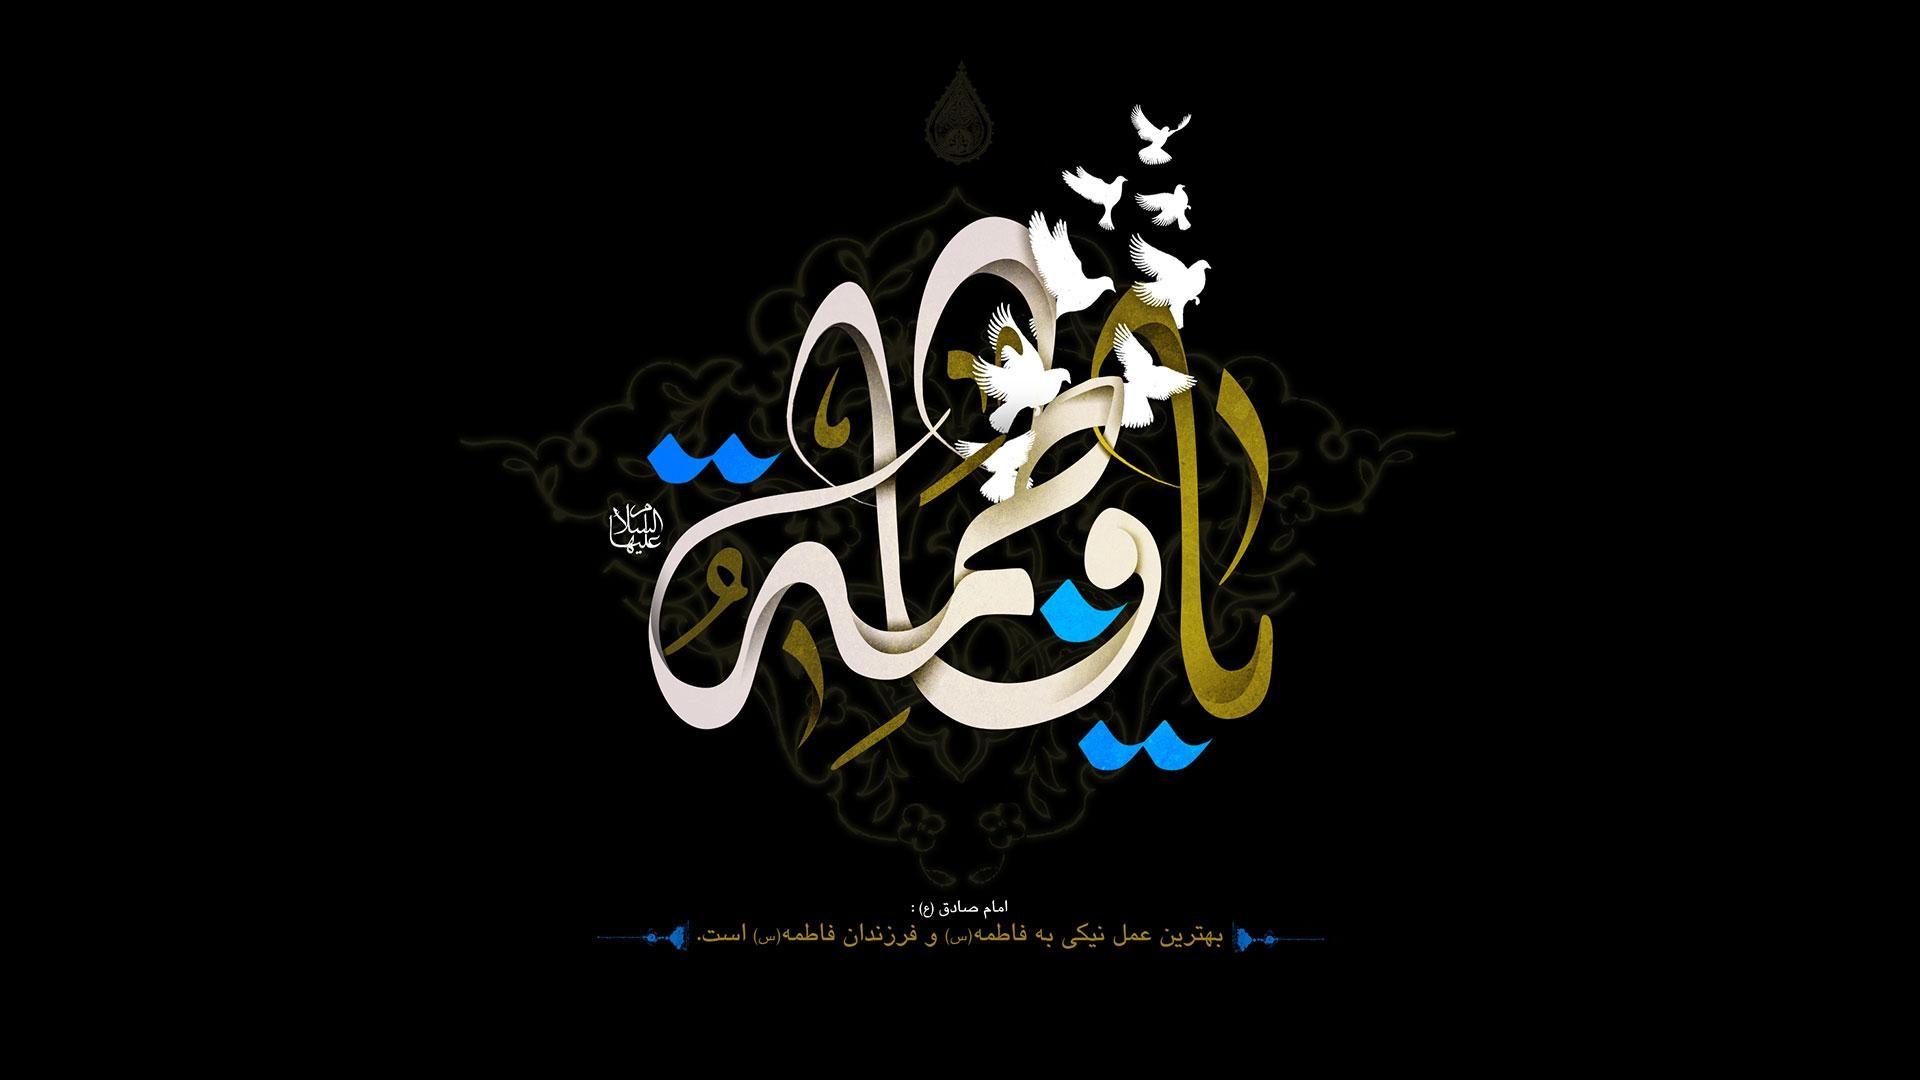 شهادت حضرت زهرا(س)تسلیت باد